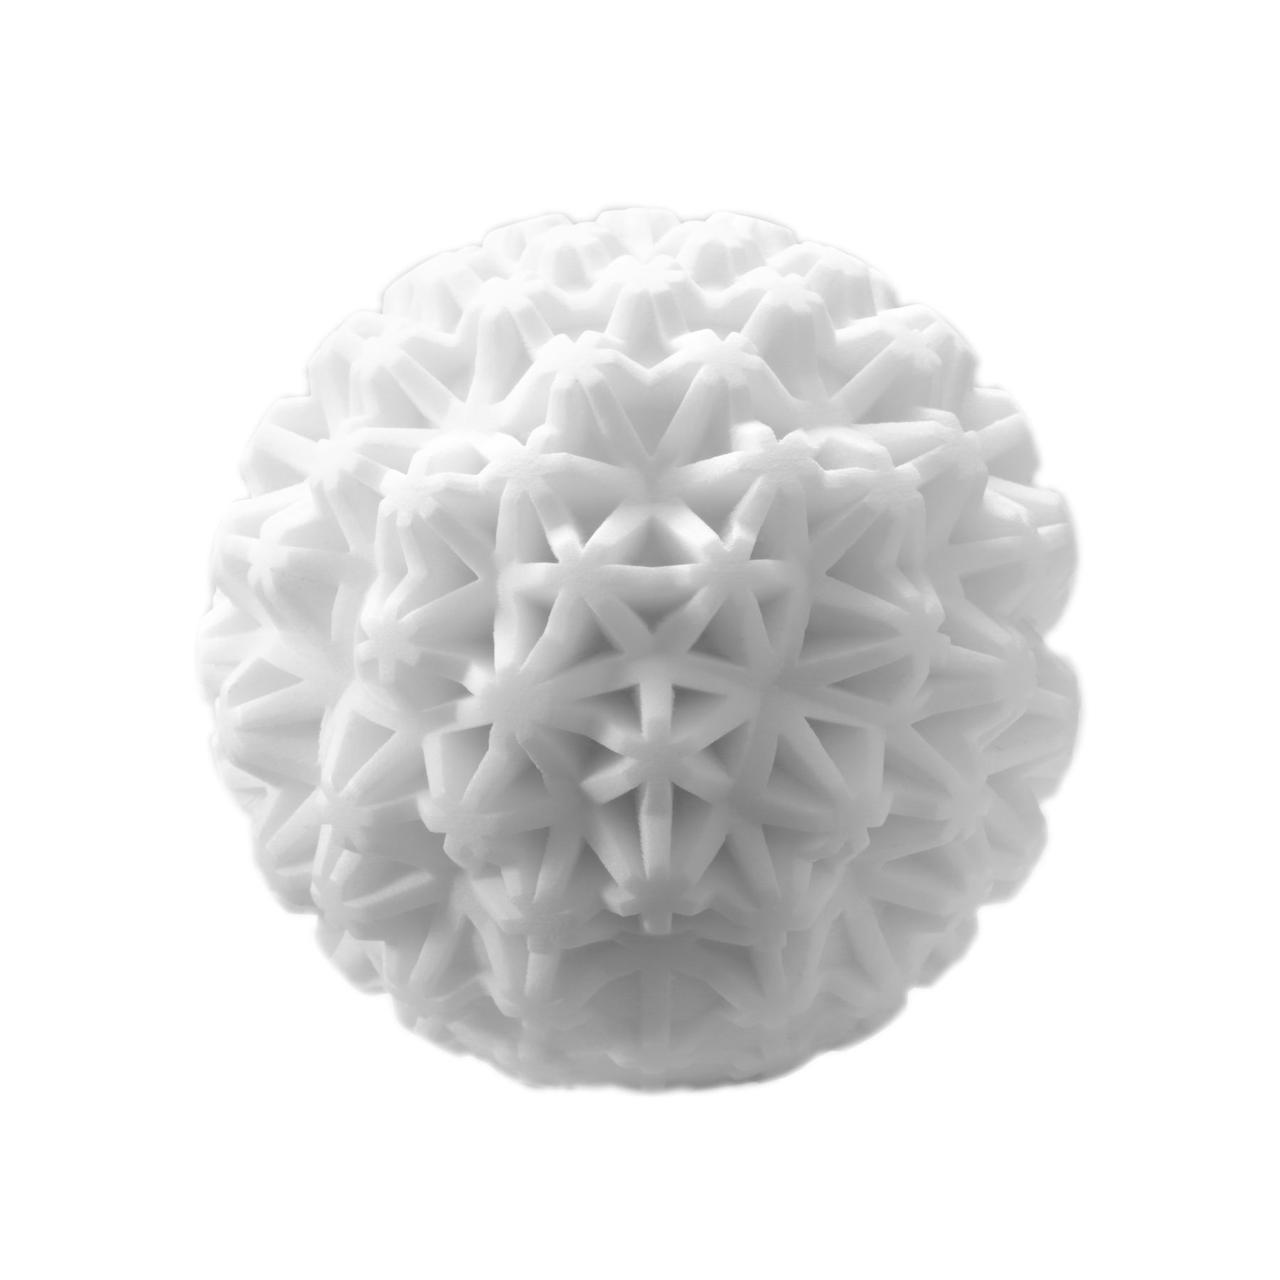 Мастурбатор TENGA GEO Coral, новый материал, объемные звезды, новая ступень развития Tenga Egg